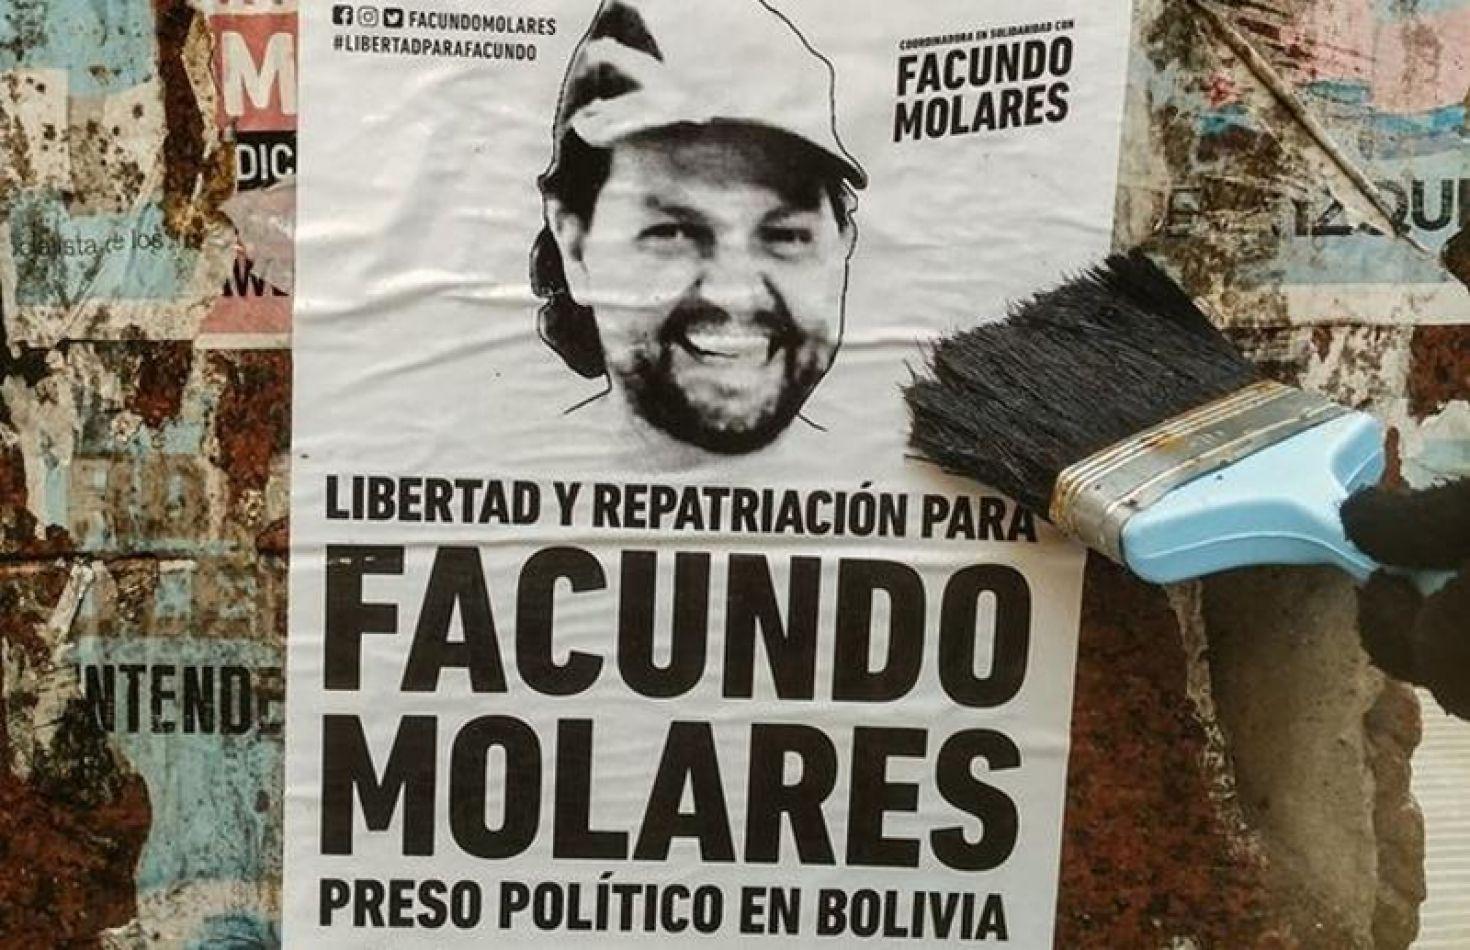 Justicia boliviana autorizó el retorno al país del fotógrafo argentino Facundo Molares